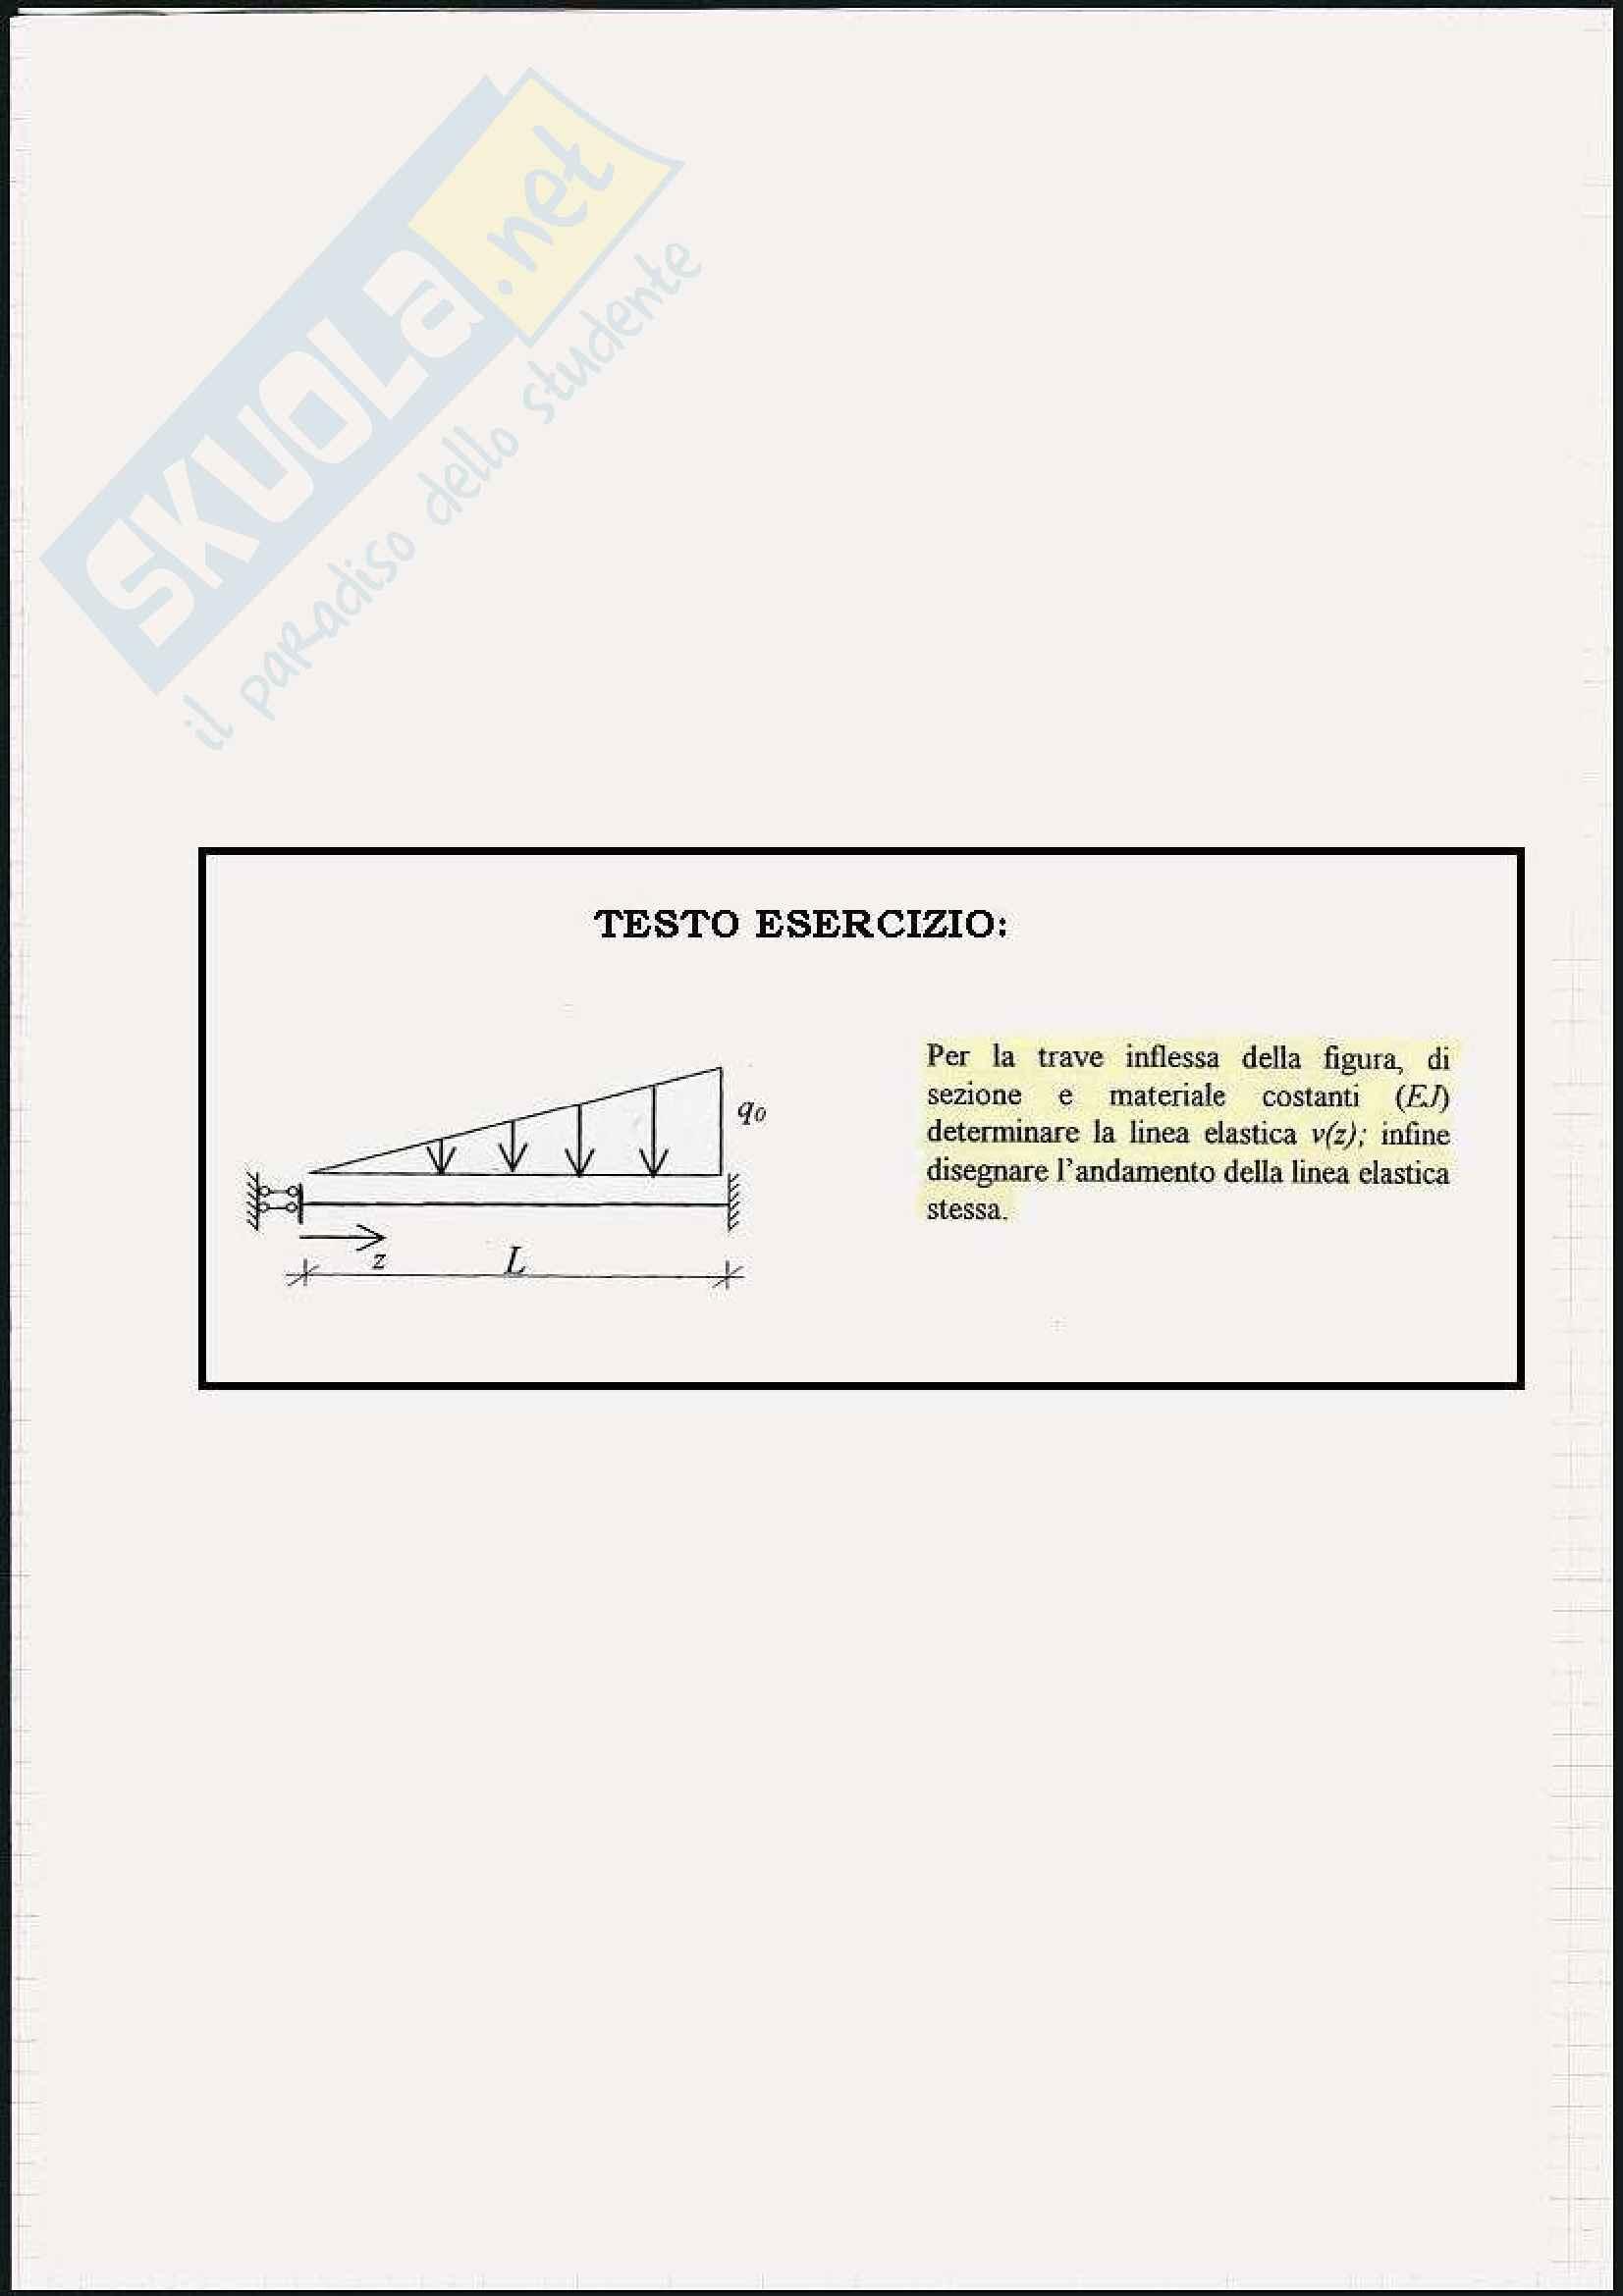 Scienza delle costruzioni - Esercizi sulla linea elastica e Mohr